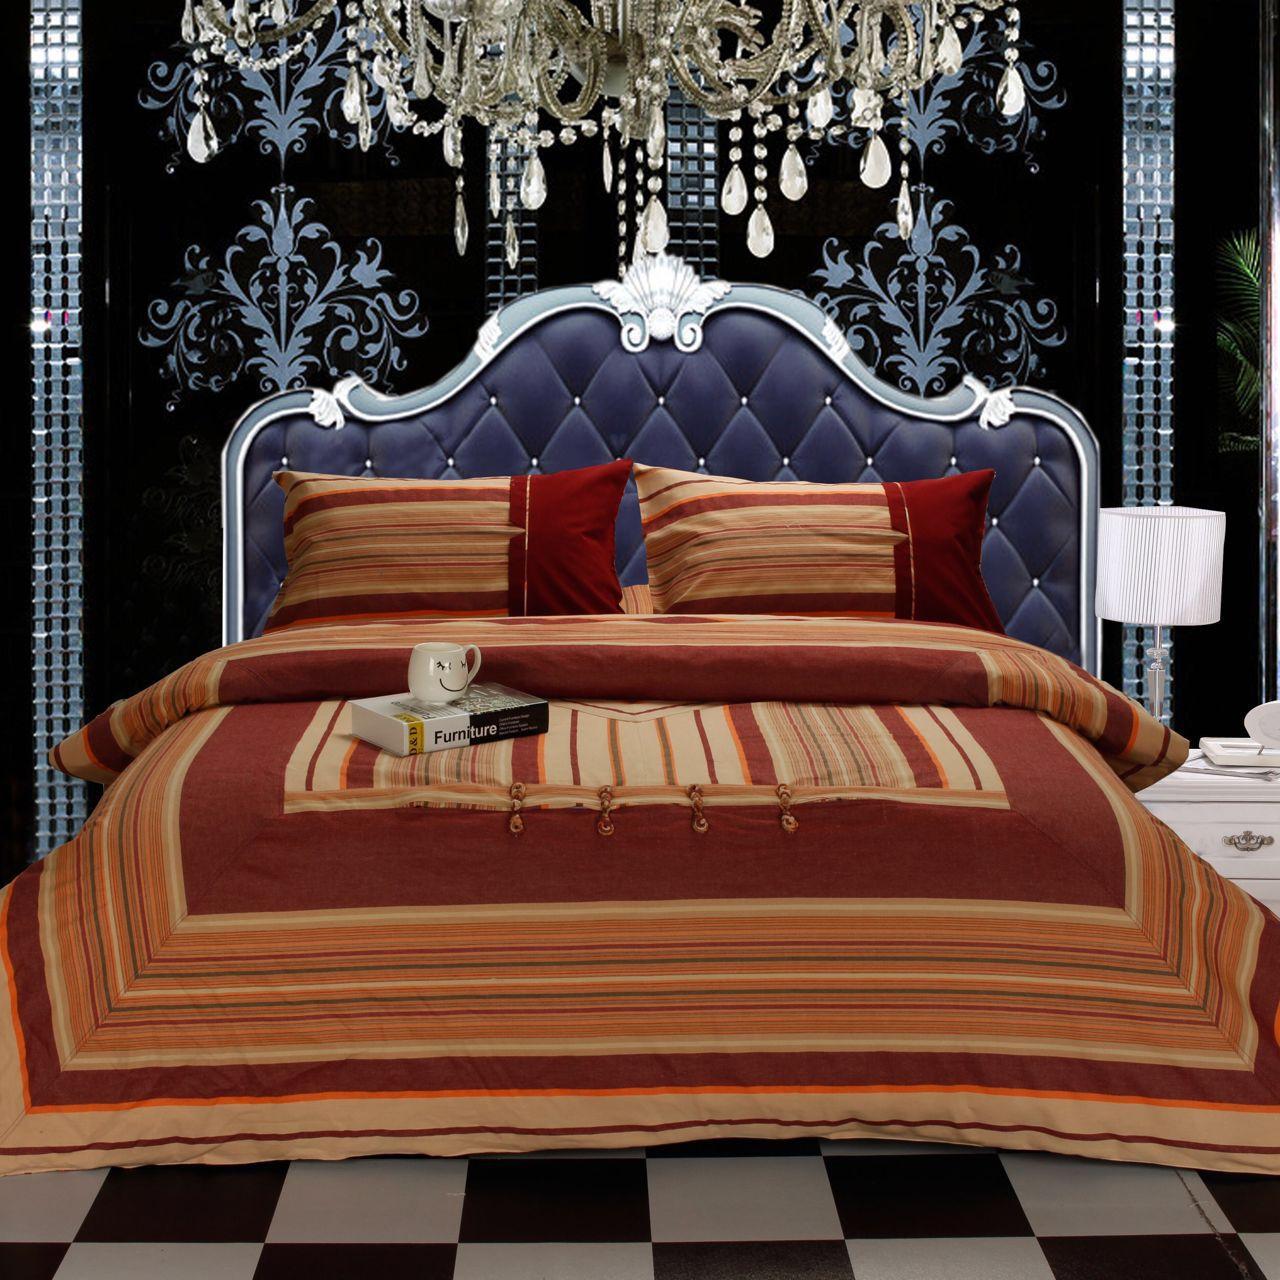 全老粗布四件套棉复古中国风盘扣床上用品家纺床单加密被套批发